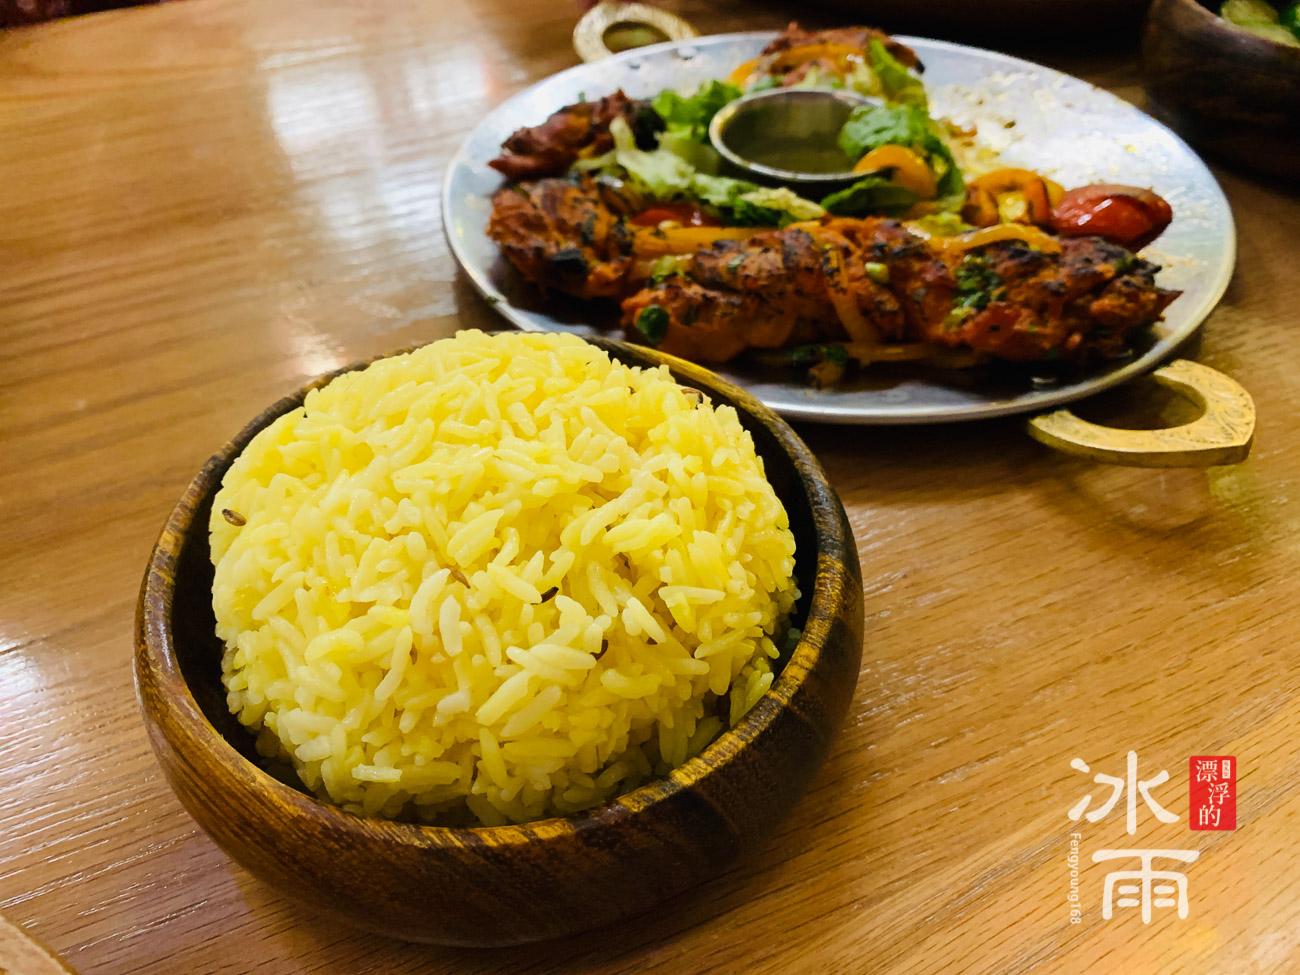 印渡風情|印度料理餐廳|薑黃白飯